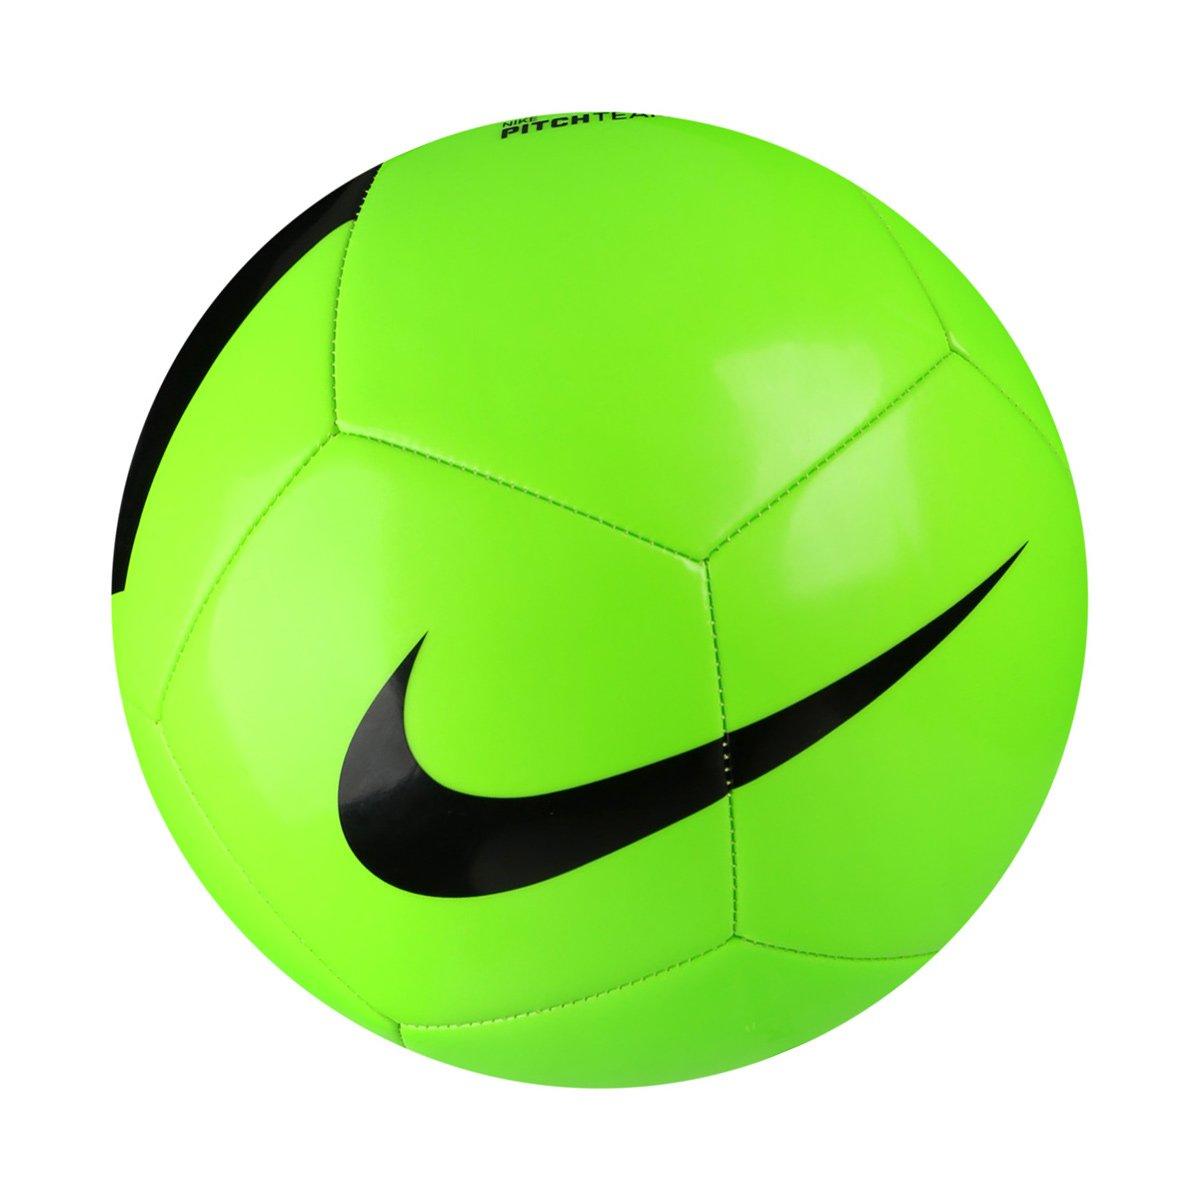 Bola Futebol Campo Nike Pich Team - Verde Claro e Preto - Compre ... 3e3f9754c3b14